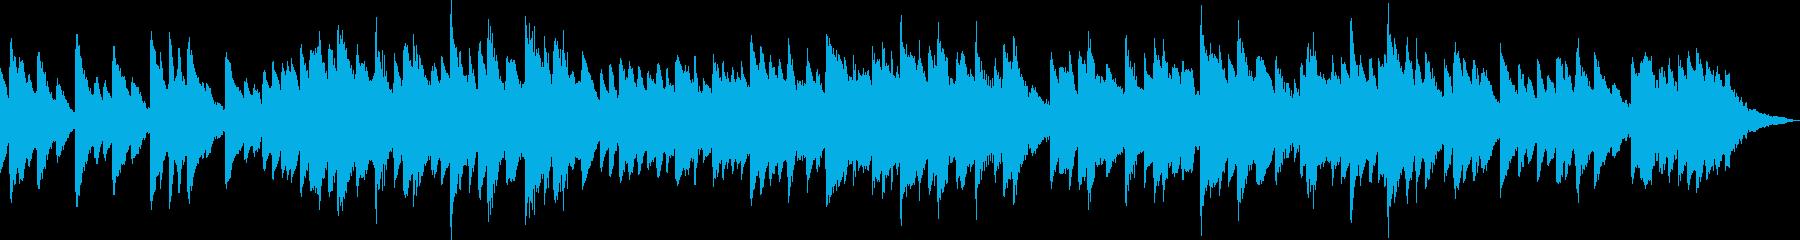 不気味・ホラーなチェレスタ/オルゴール曲の再生済みの波形